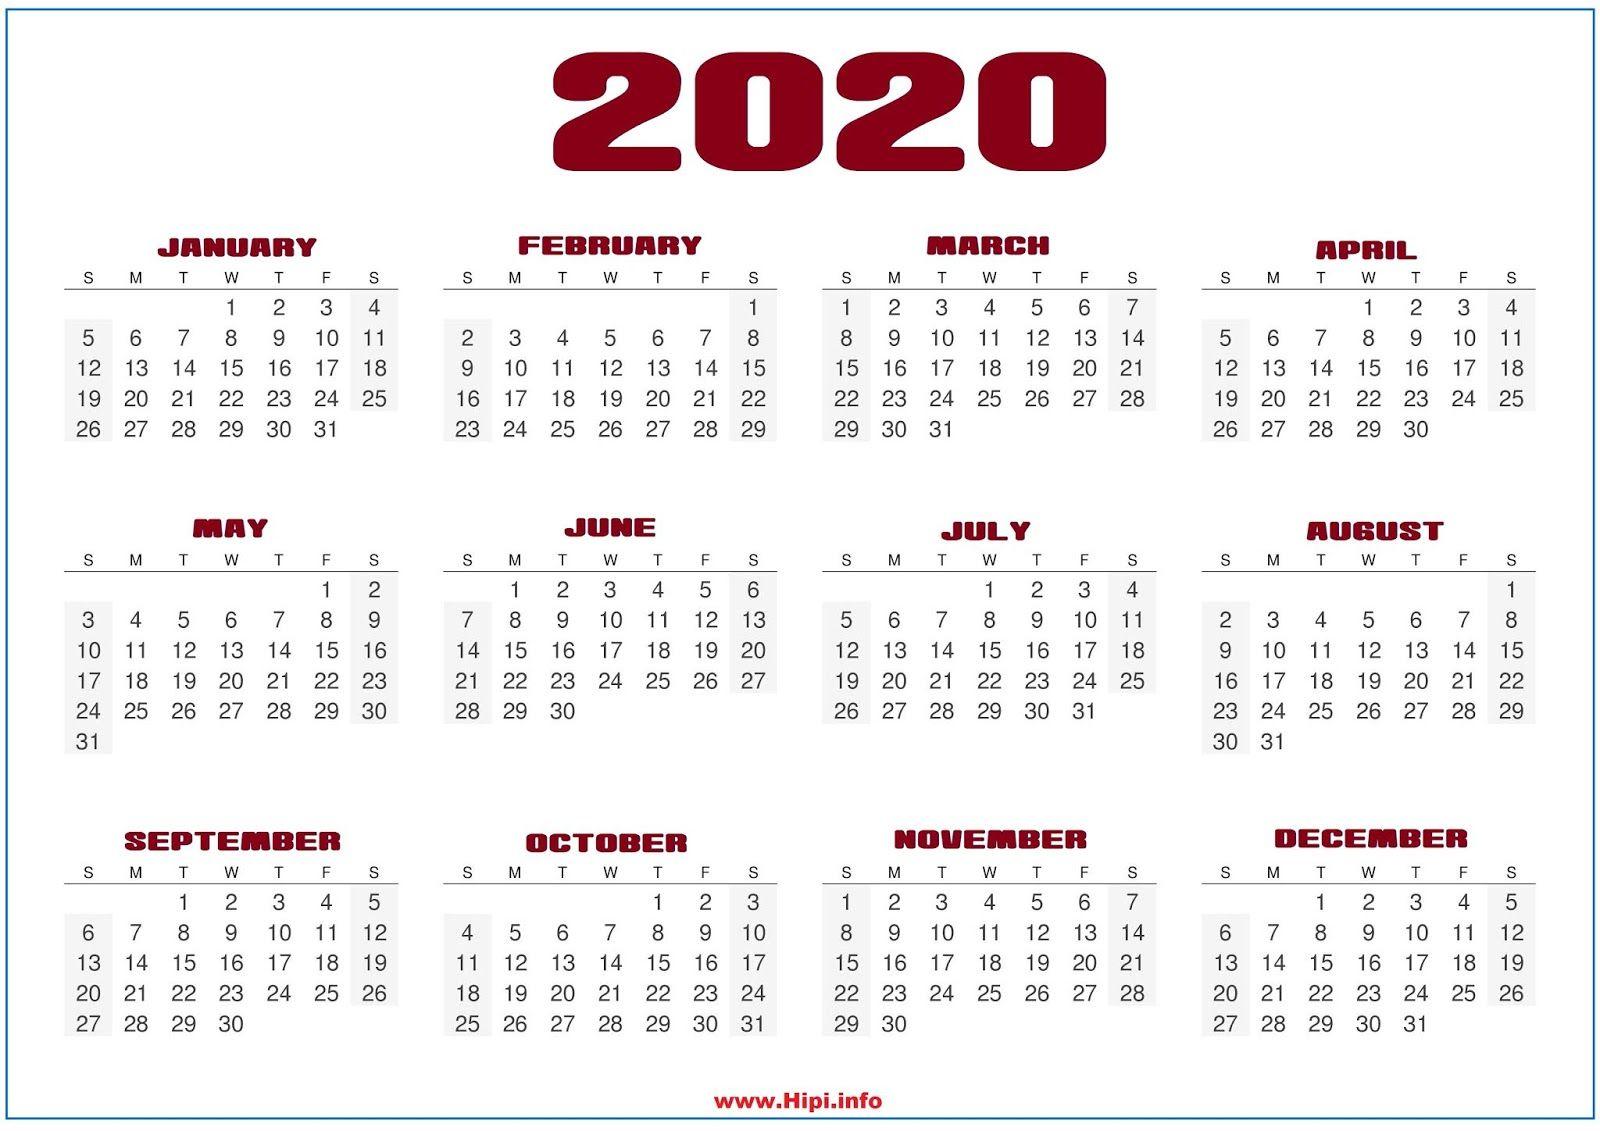 2020 Calendar Wallpapers   Top 2020 Calendar Backgrounds 1600x1131